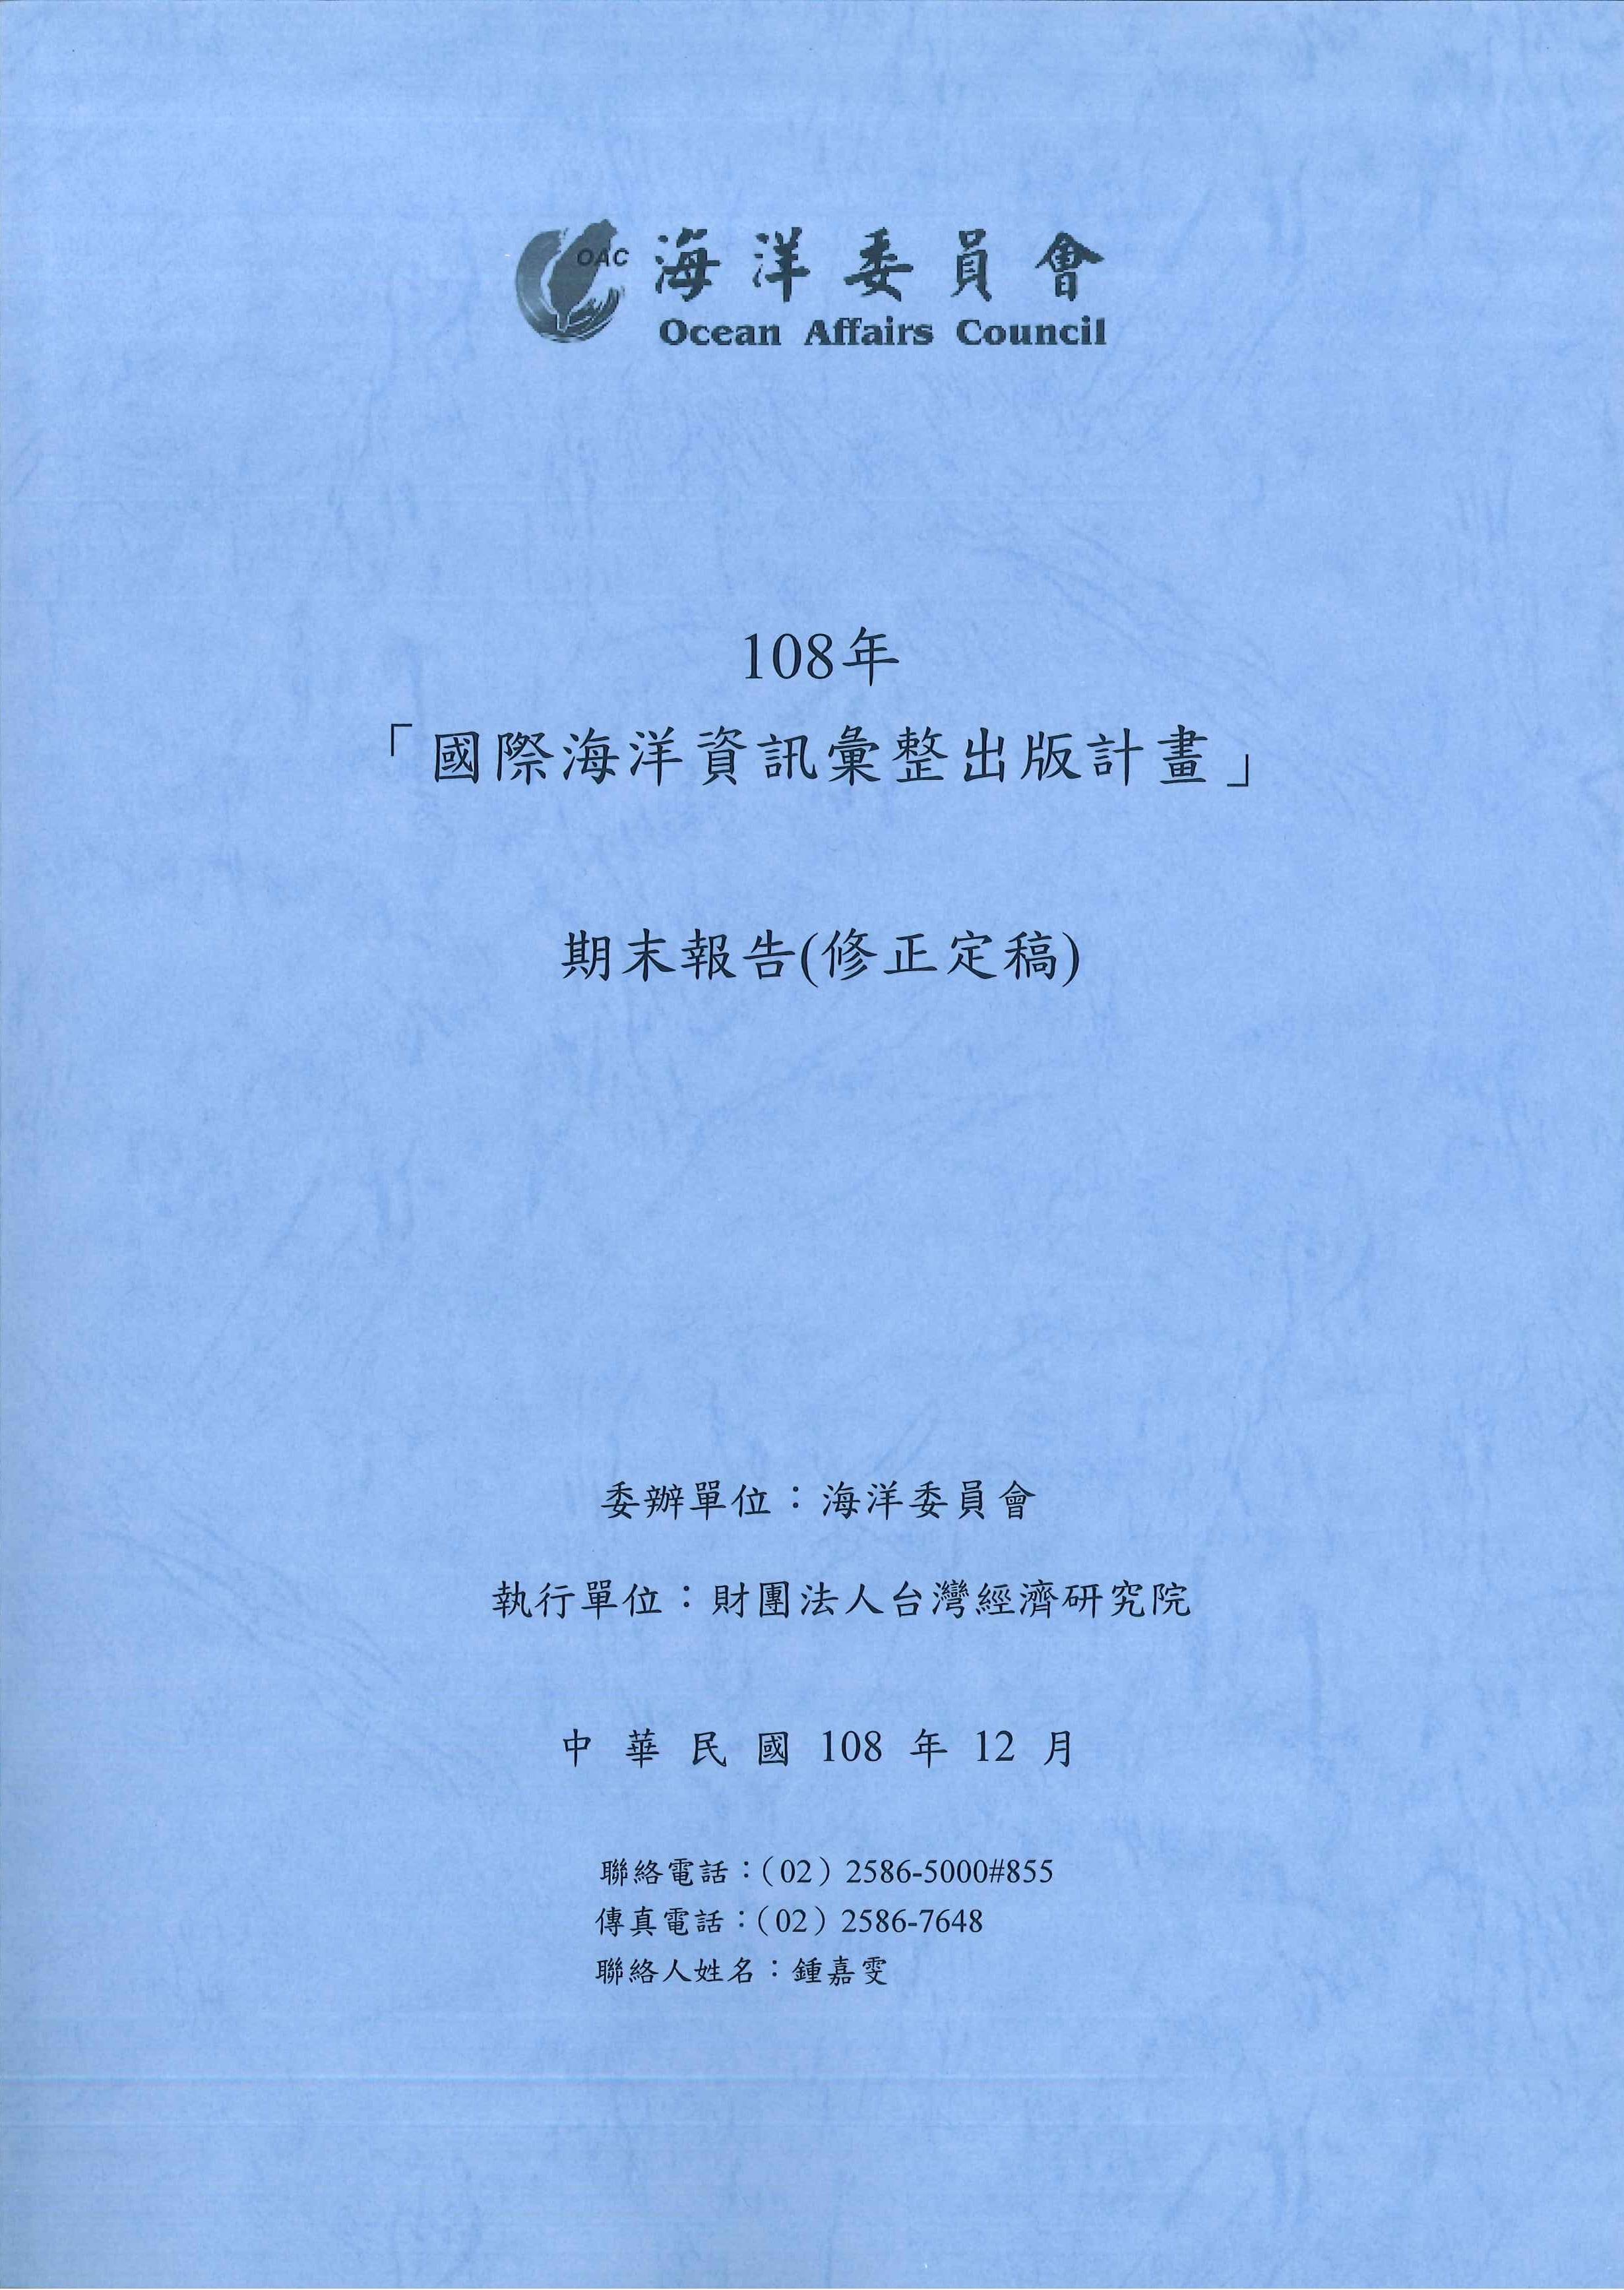 108年「國際海洋資訊彙整出版計畫」:期末報告